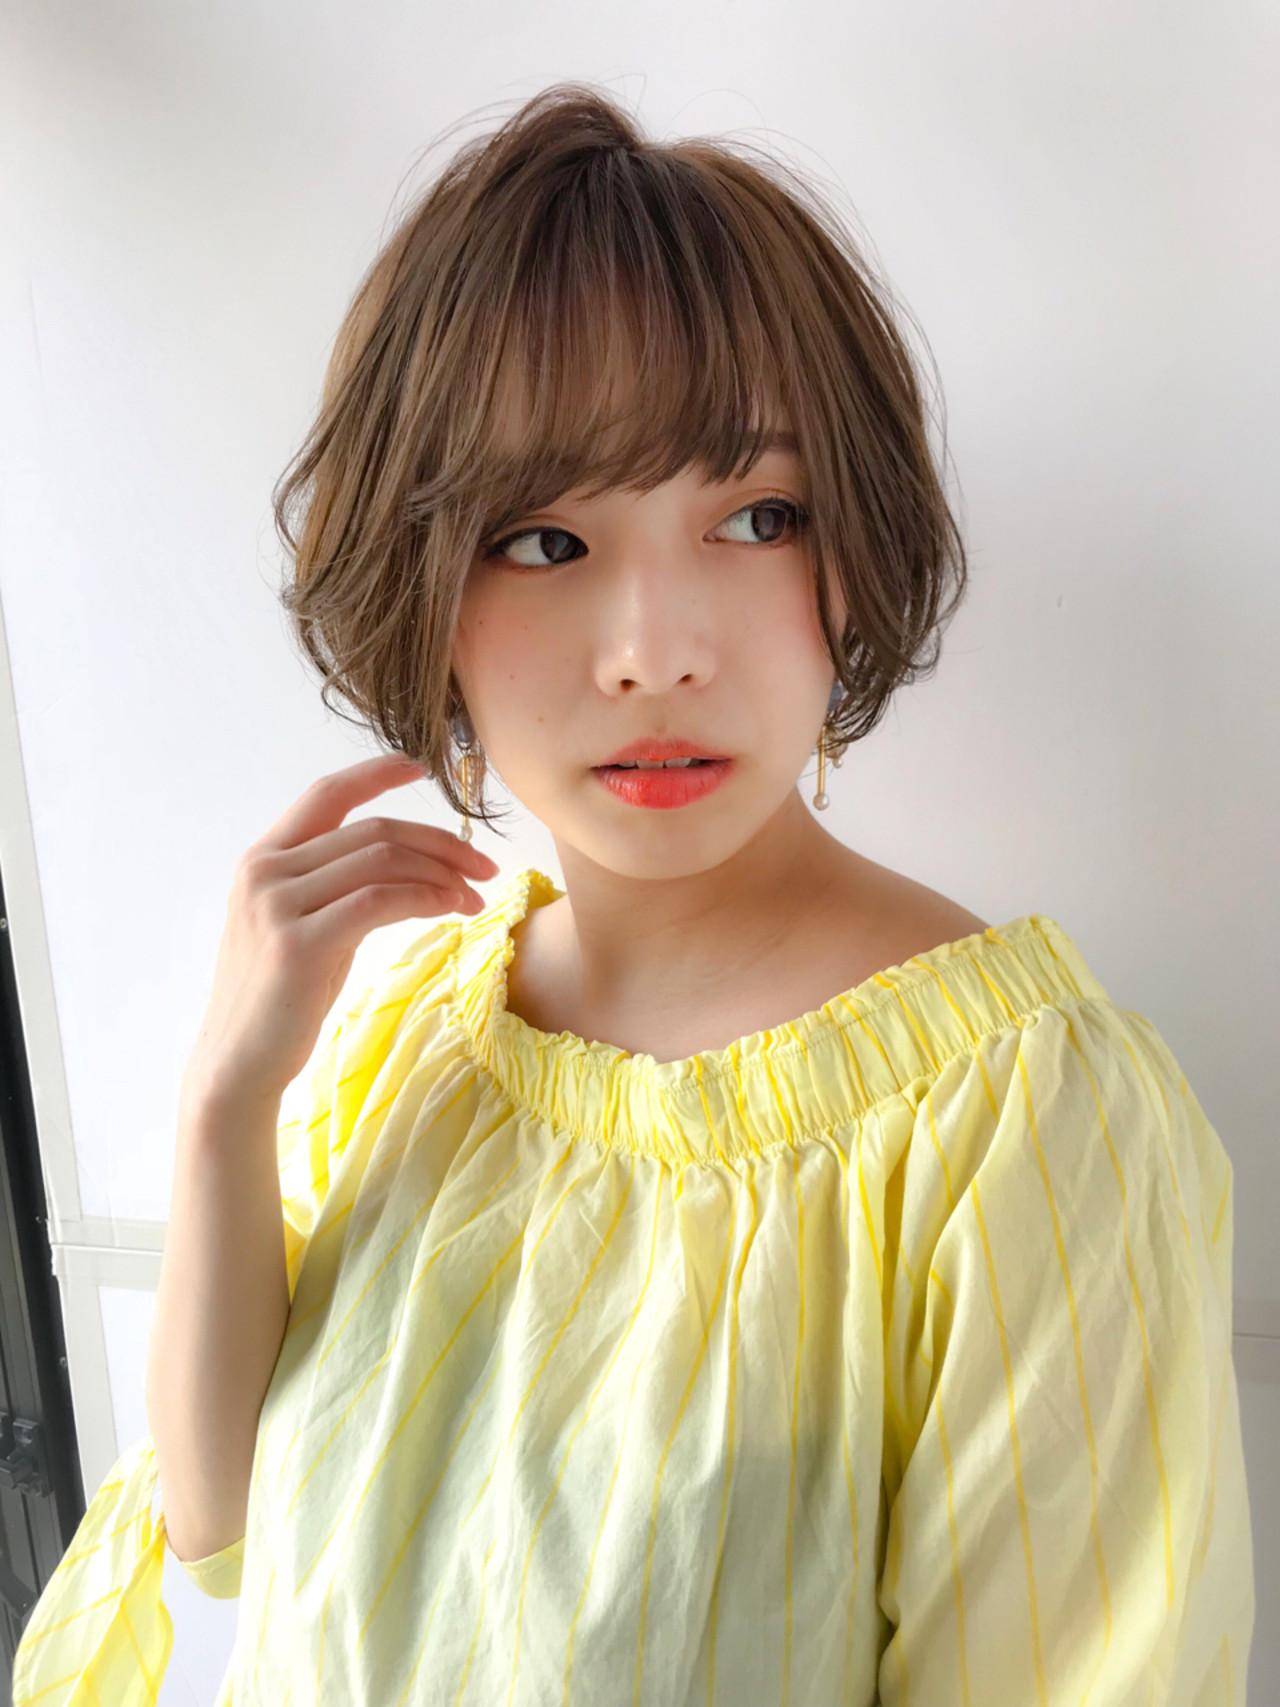 小顔 似合わせ アッシュ ショートボブ ヘアスタイルや髪型の写真・画像 | MANOHARU 新屋敷 / MANOHARU